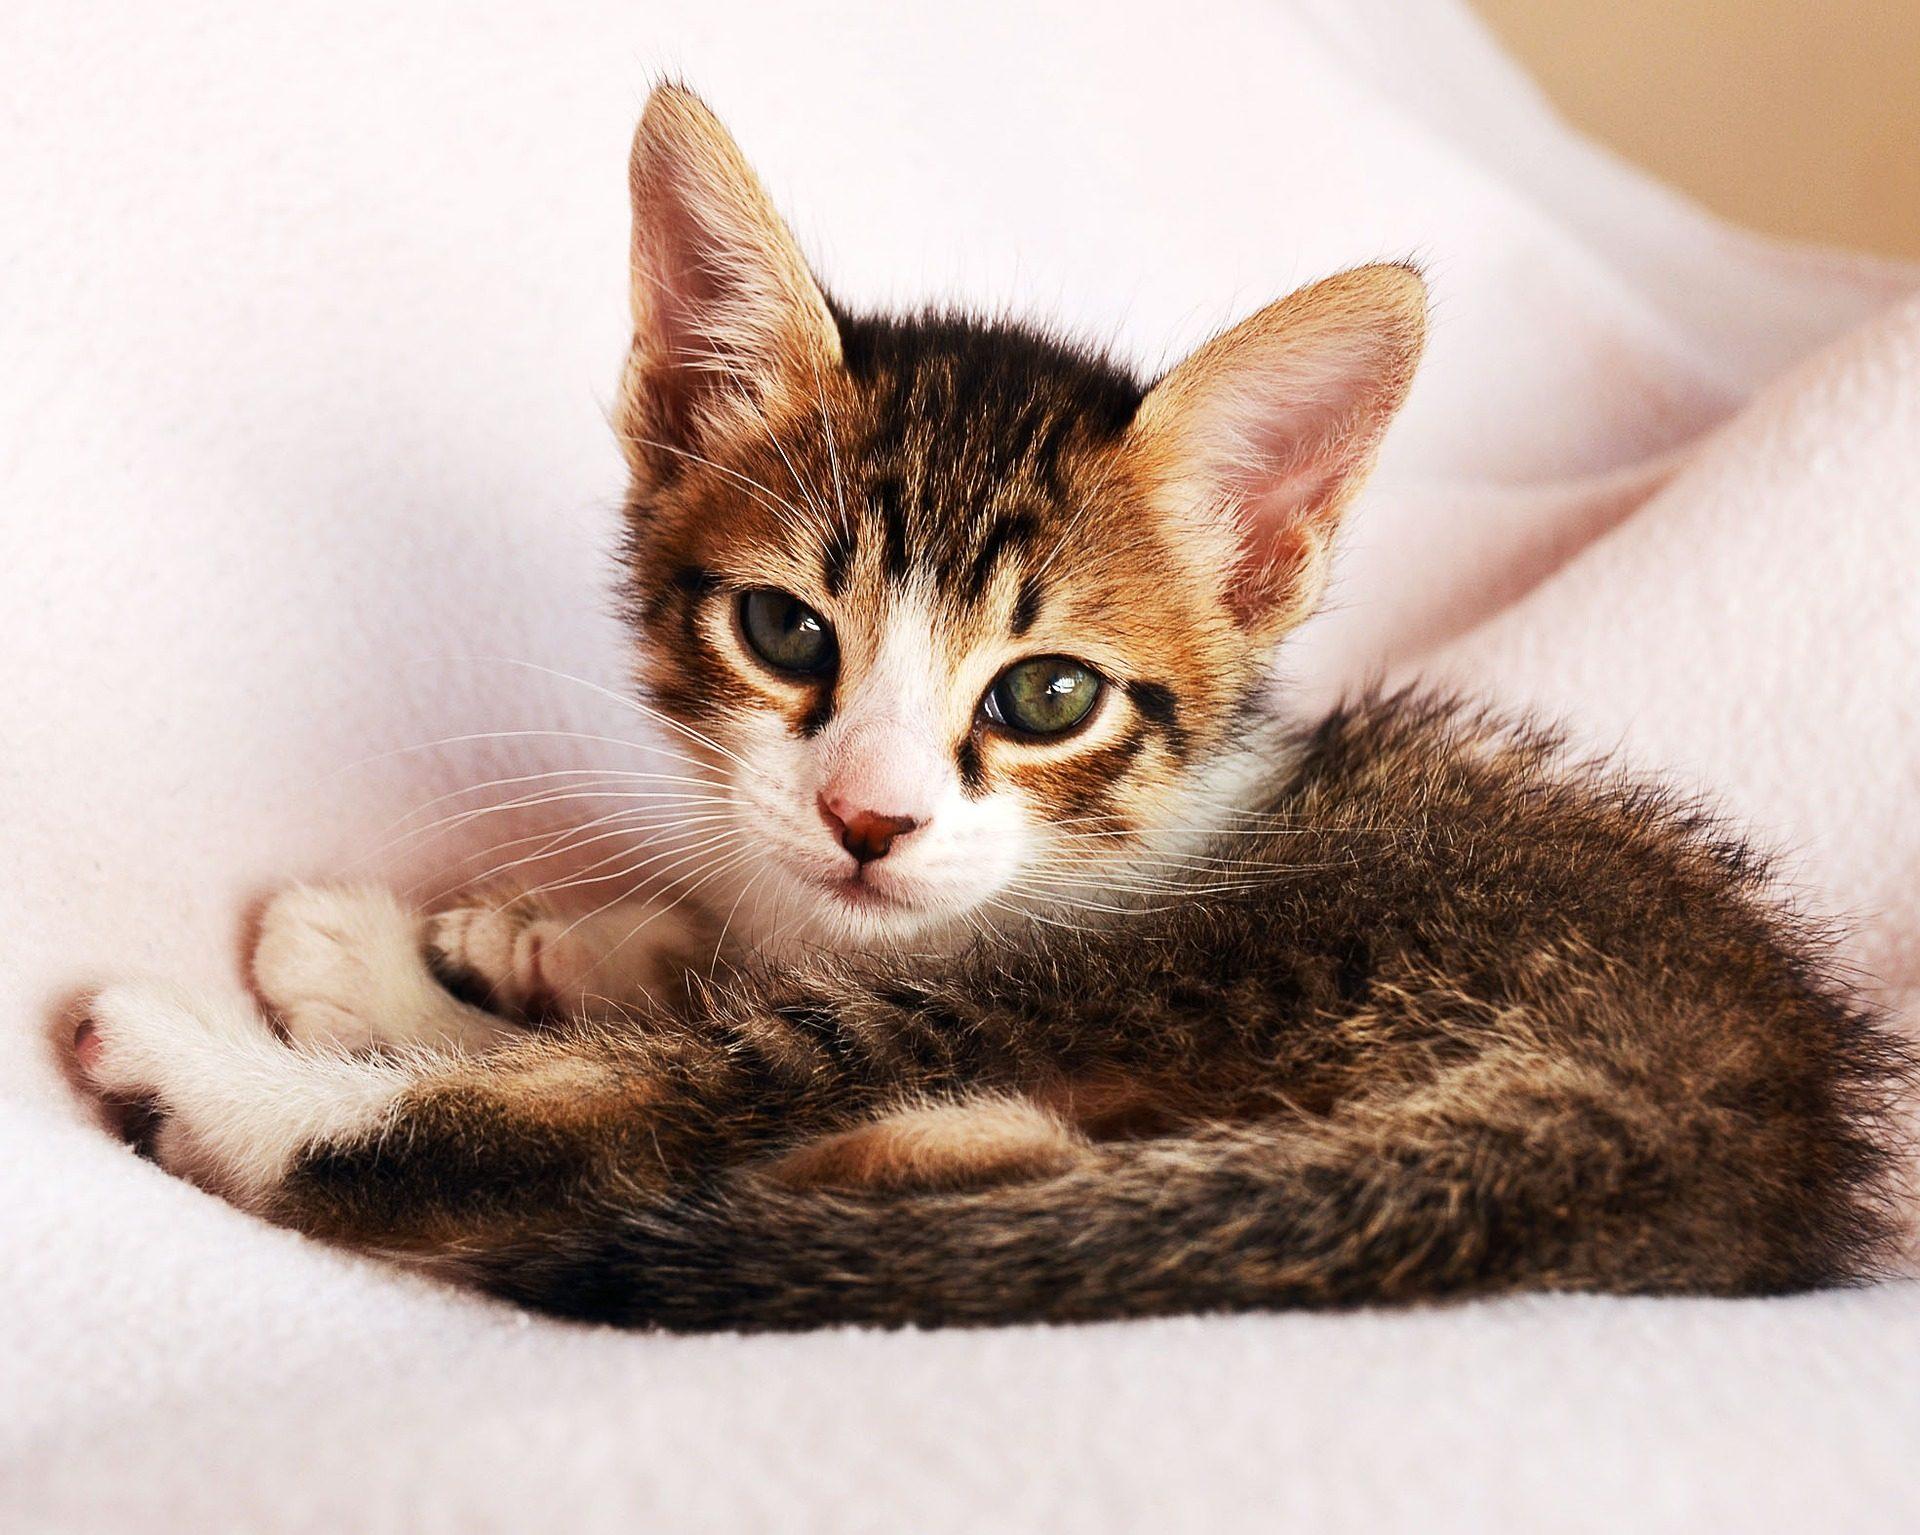 猫, 育种, 猫科动物, 宠物, 看看 - 高清壁纸 - 教授-falken.com